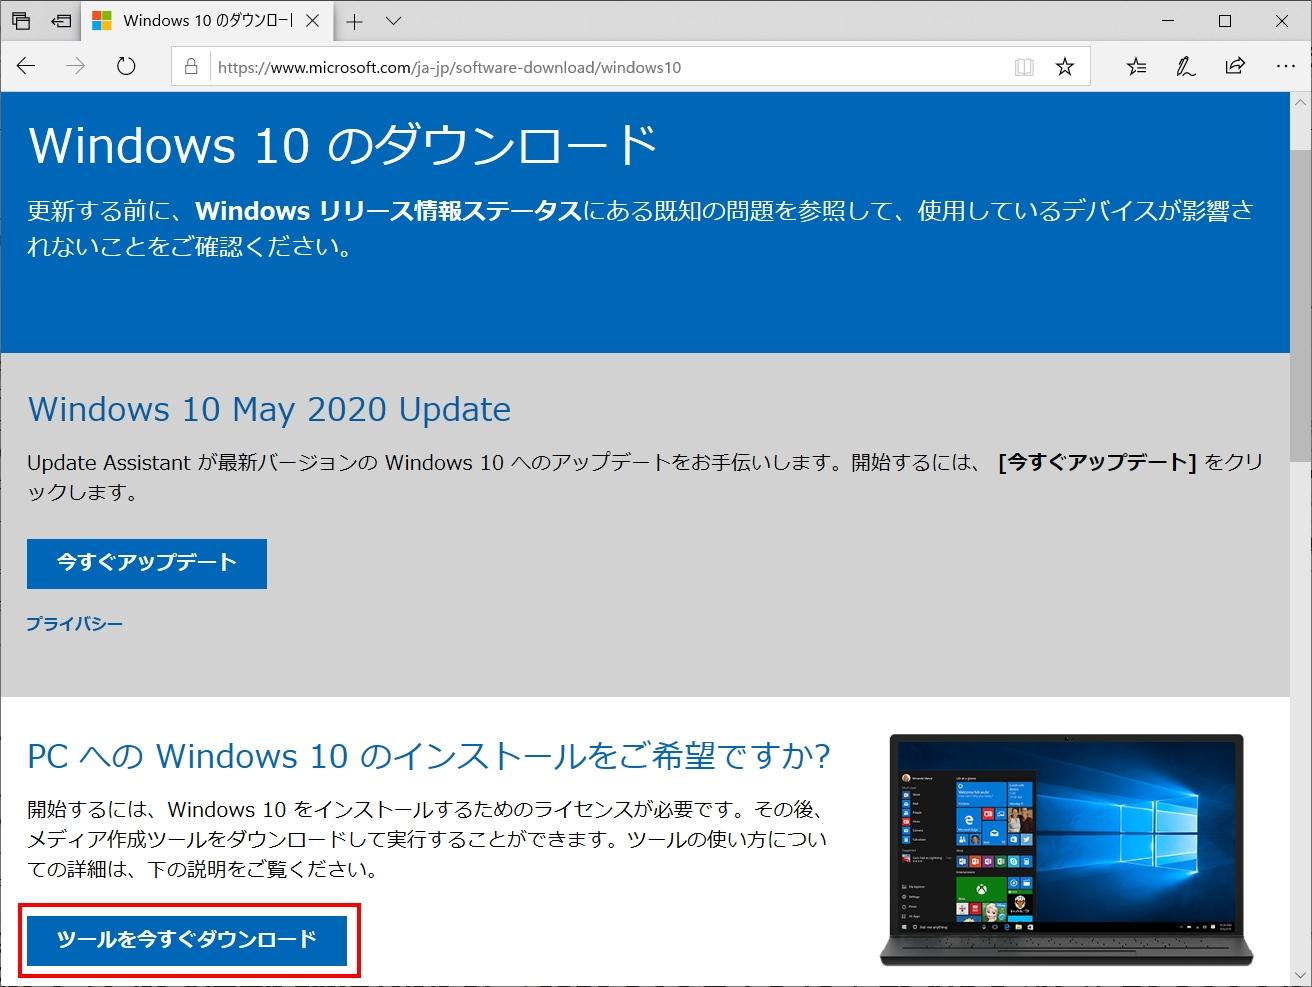 Webブラウザーで「Windows 10のダウンロード」(https://www.microsoft.com/ja-jp/software-download/windows10)にアクセスして「ツールを今すぐダウンロード」をクリック。メディア作成ツールをダウンロードする (出所:米マイクロソフト)